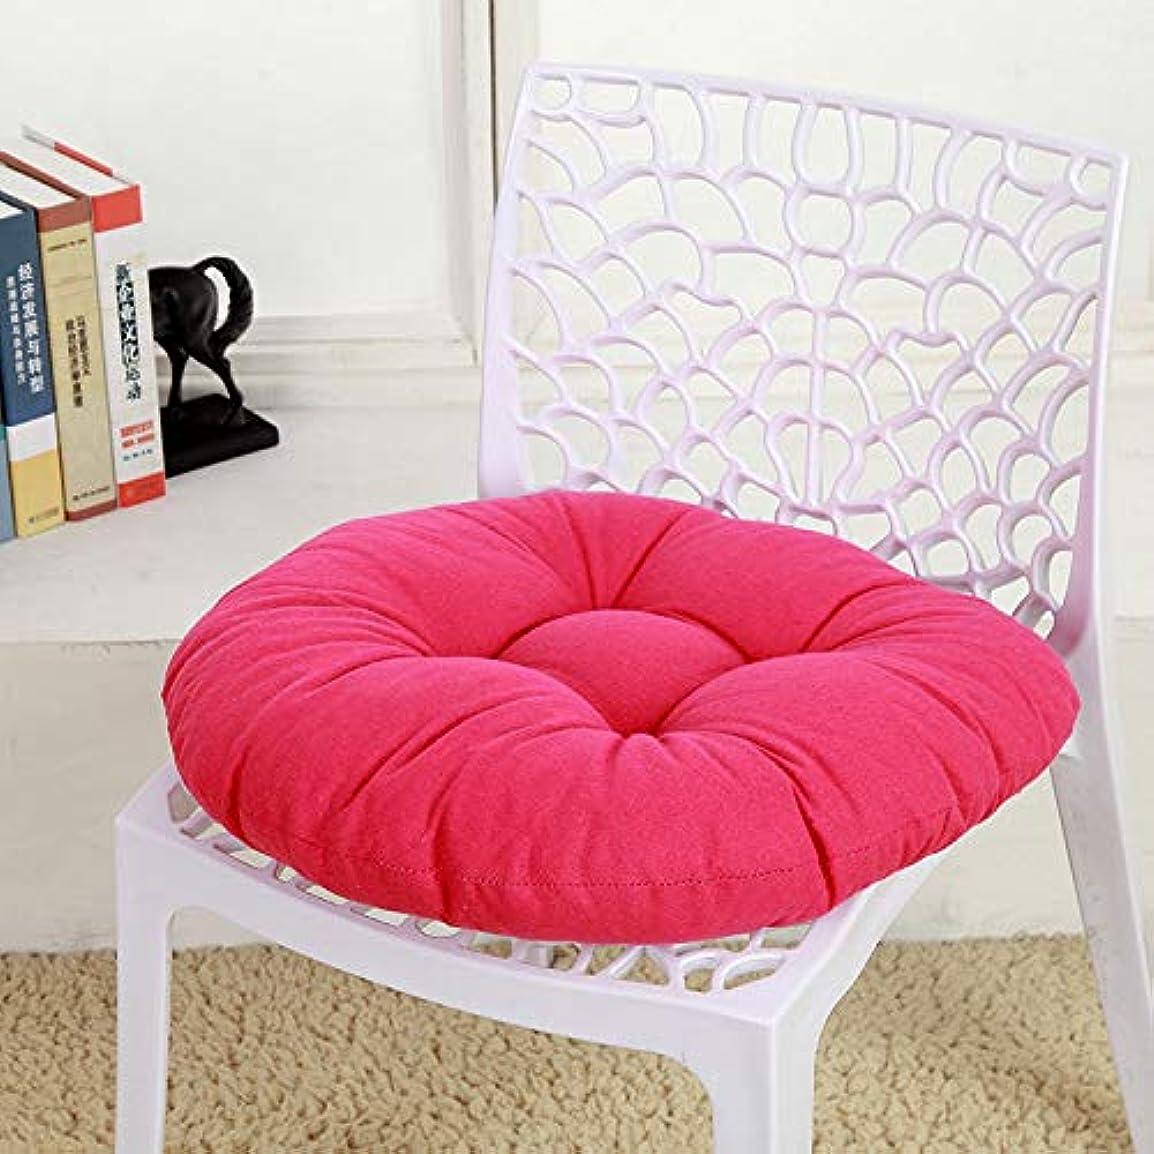 ロビー襟乗ってSMART キャンディカラーのクッションラウンドシートクッション波ウィンドウシートクッションクッション家の装飾パッドラウンド枕シート枕椅子座る枕 クッション 椅子